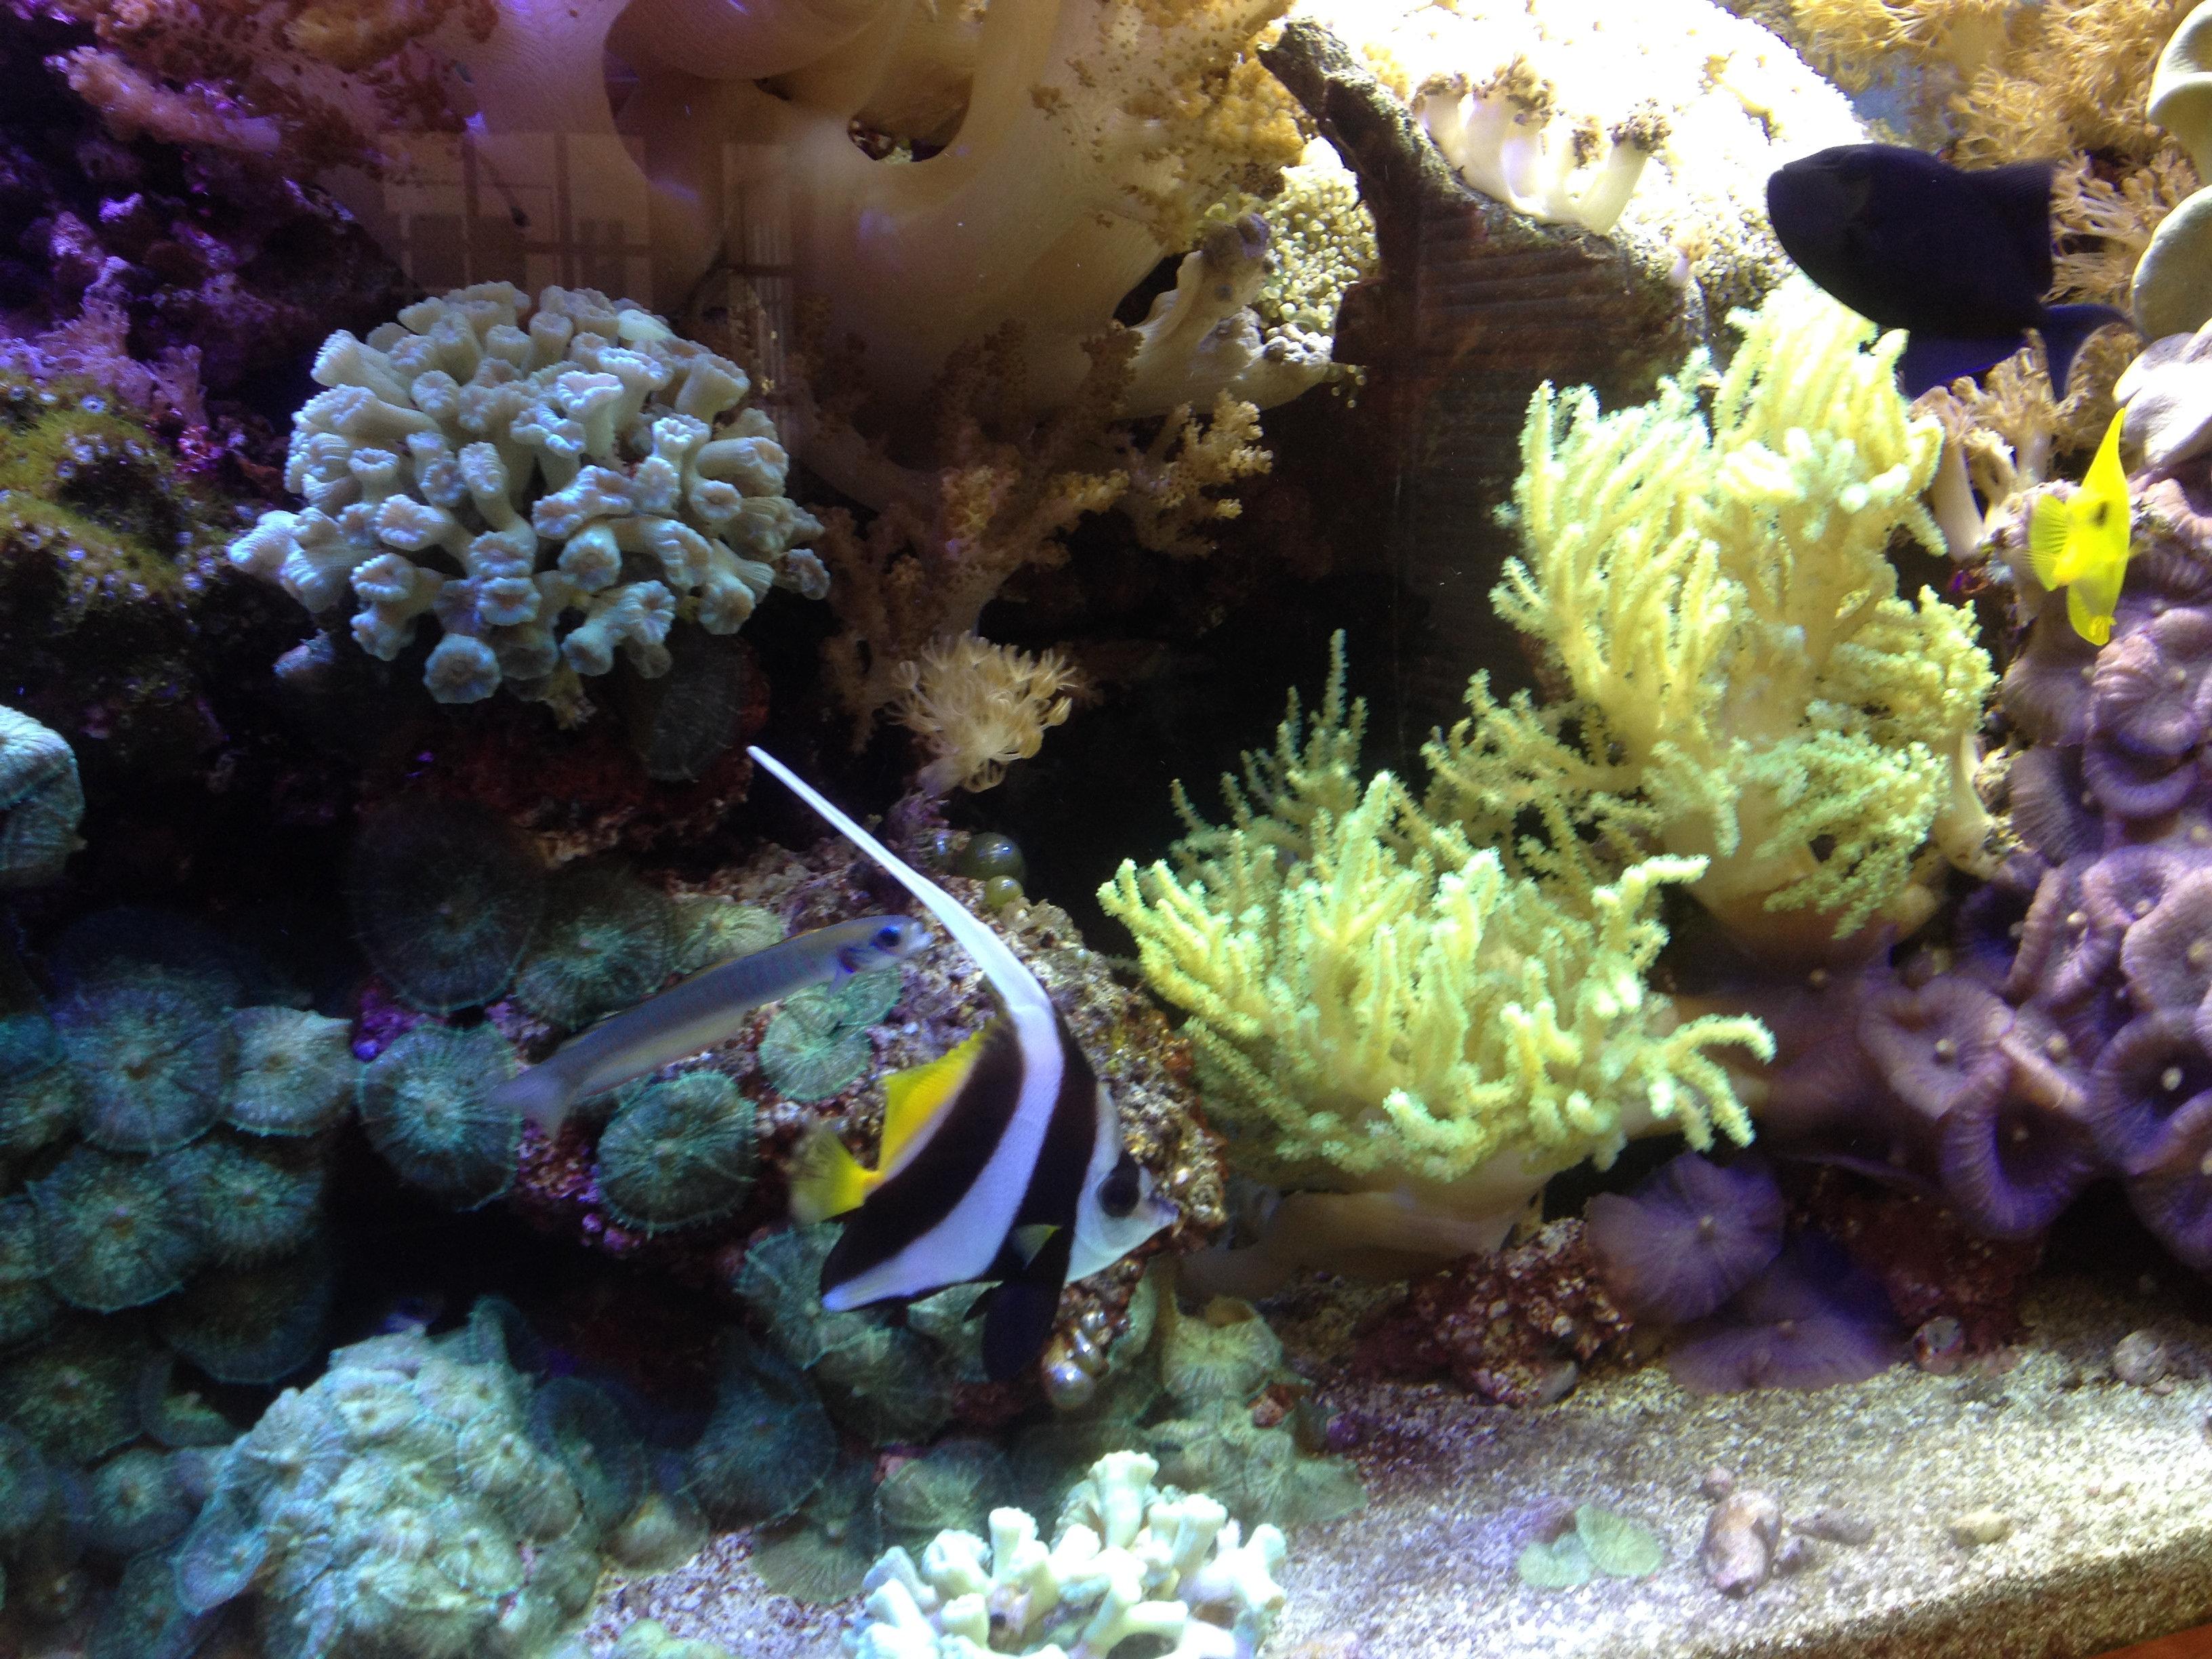 Fish aquarium in bangladesh - Aquamark Aquarium Displays Aquarium Service Nj